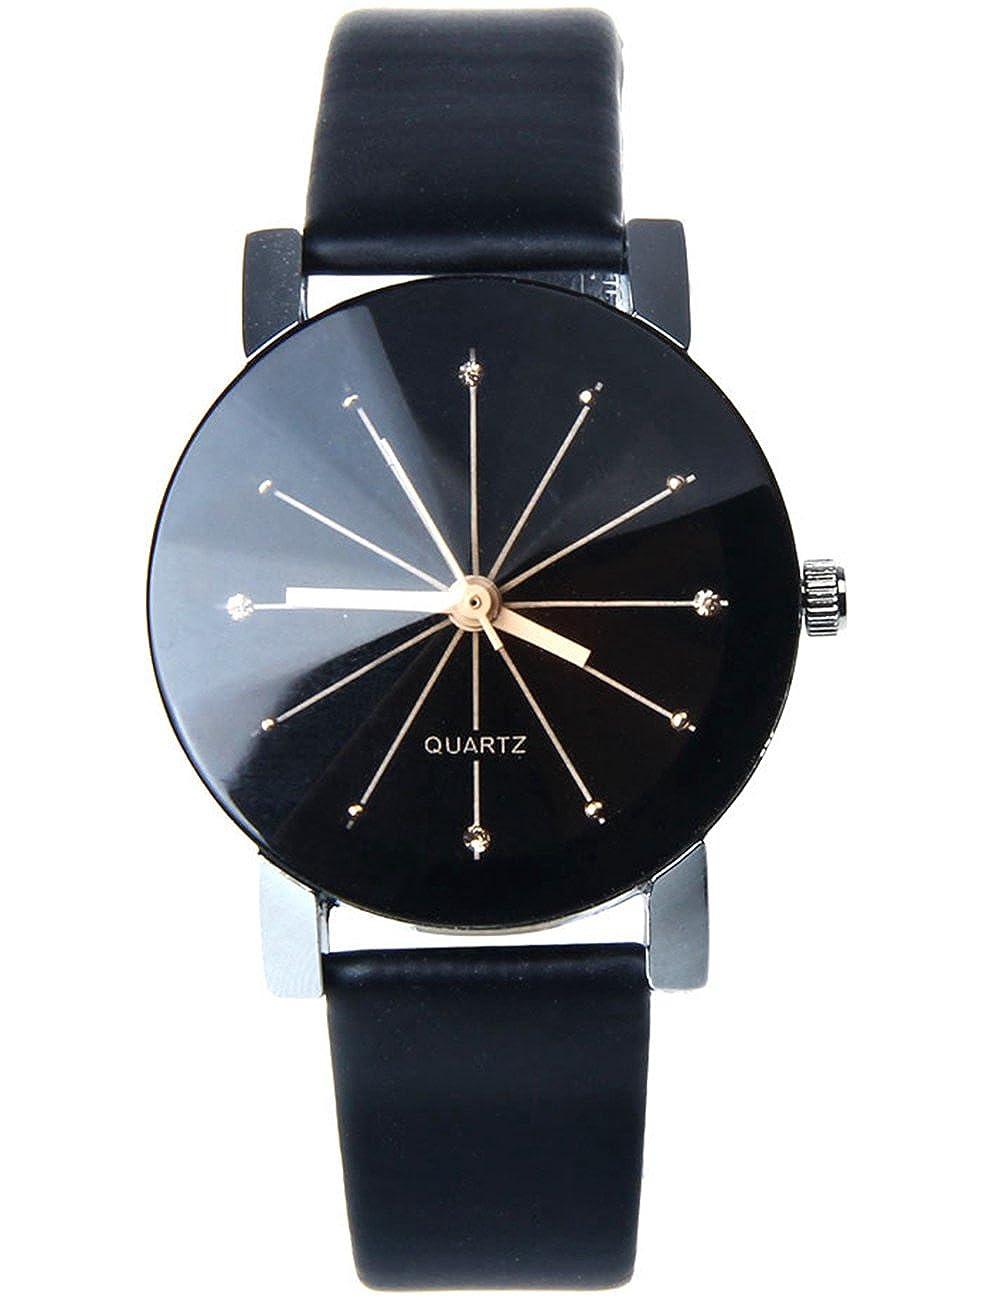 Amazon.com: COOKI Relojes de cuarzo analógicos para mujer ...